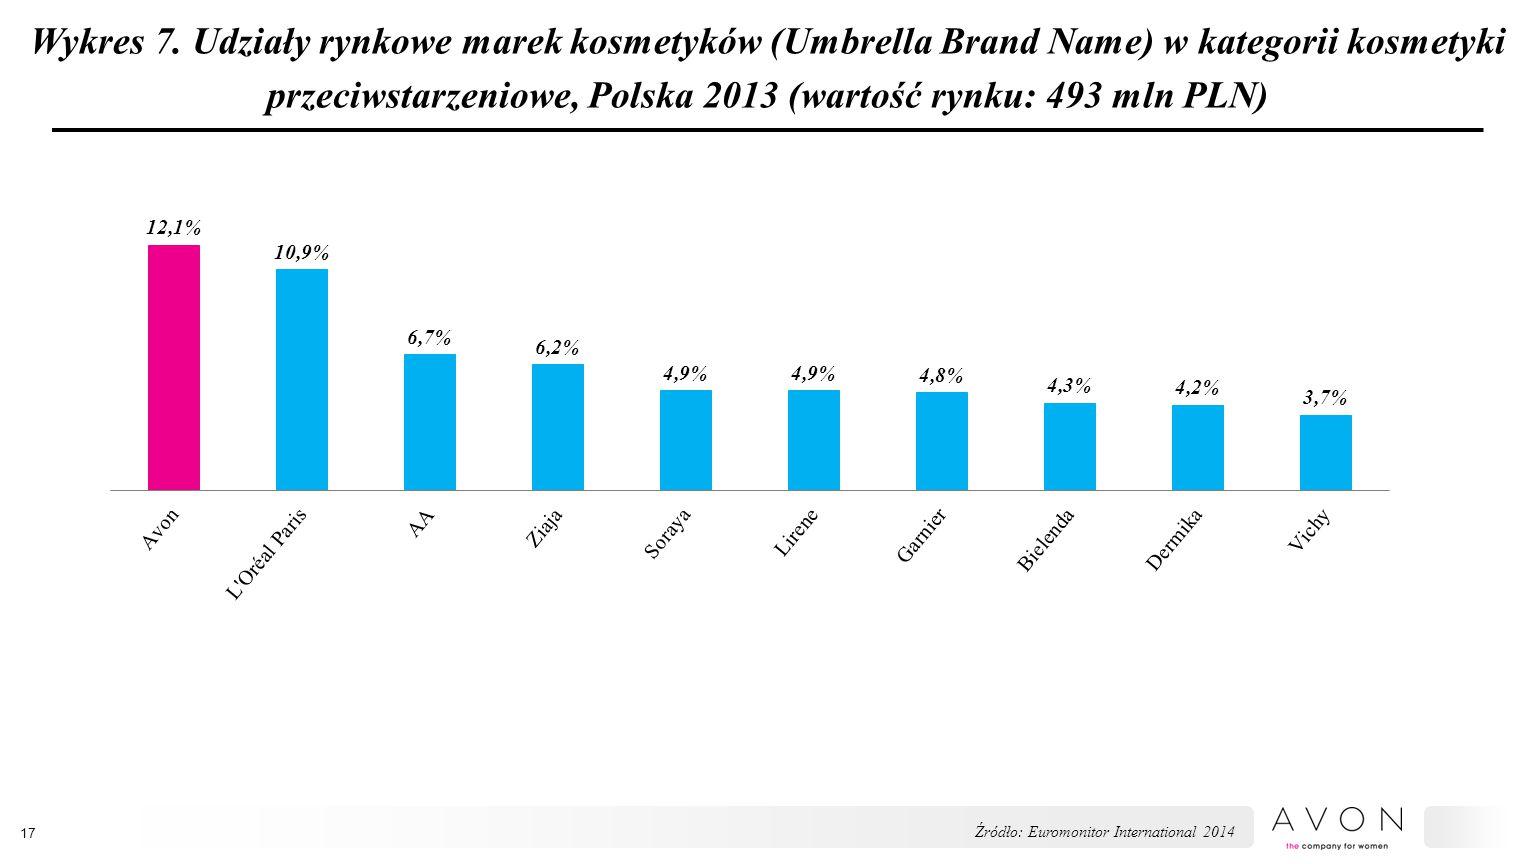 Wykres 7. Udziały rynkowe marek kosmetyków (Umbrella Brand Name) w kategorii kosmetyki przeciwstarzeniowe, Polska 2013 (wartość rynku: 493 mln PLN) 17